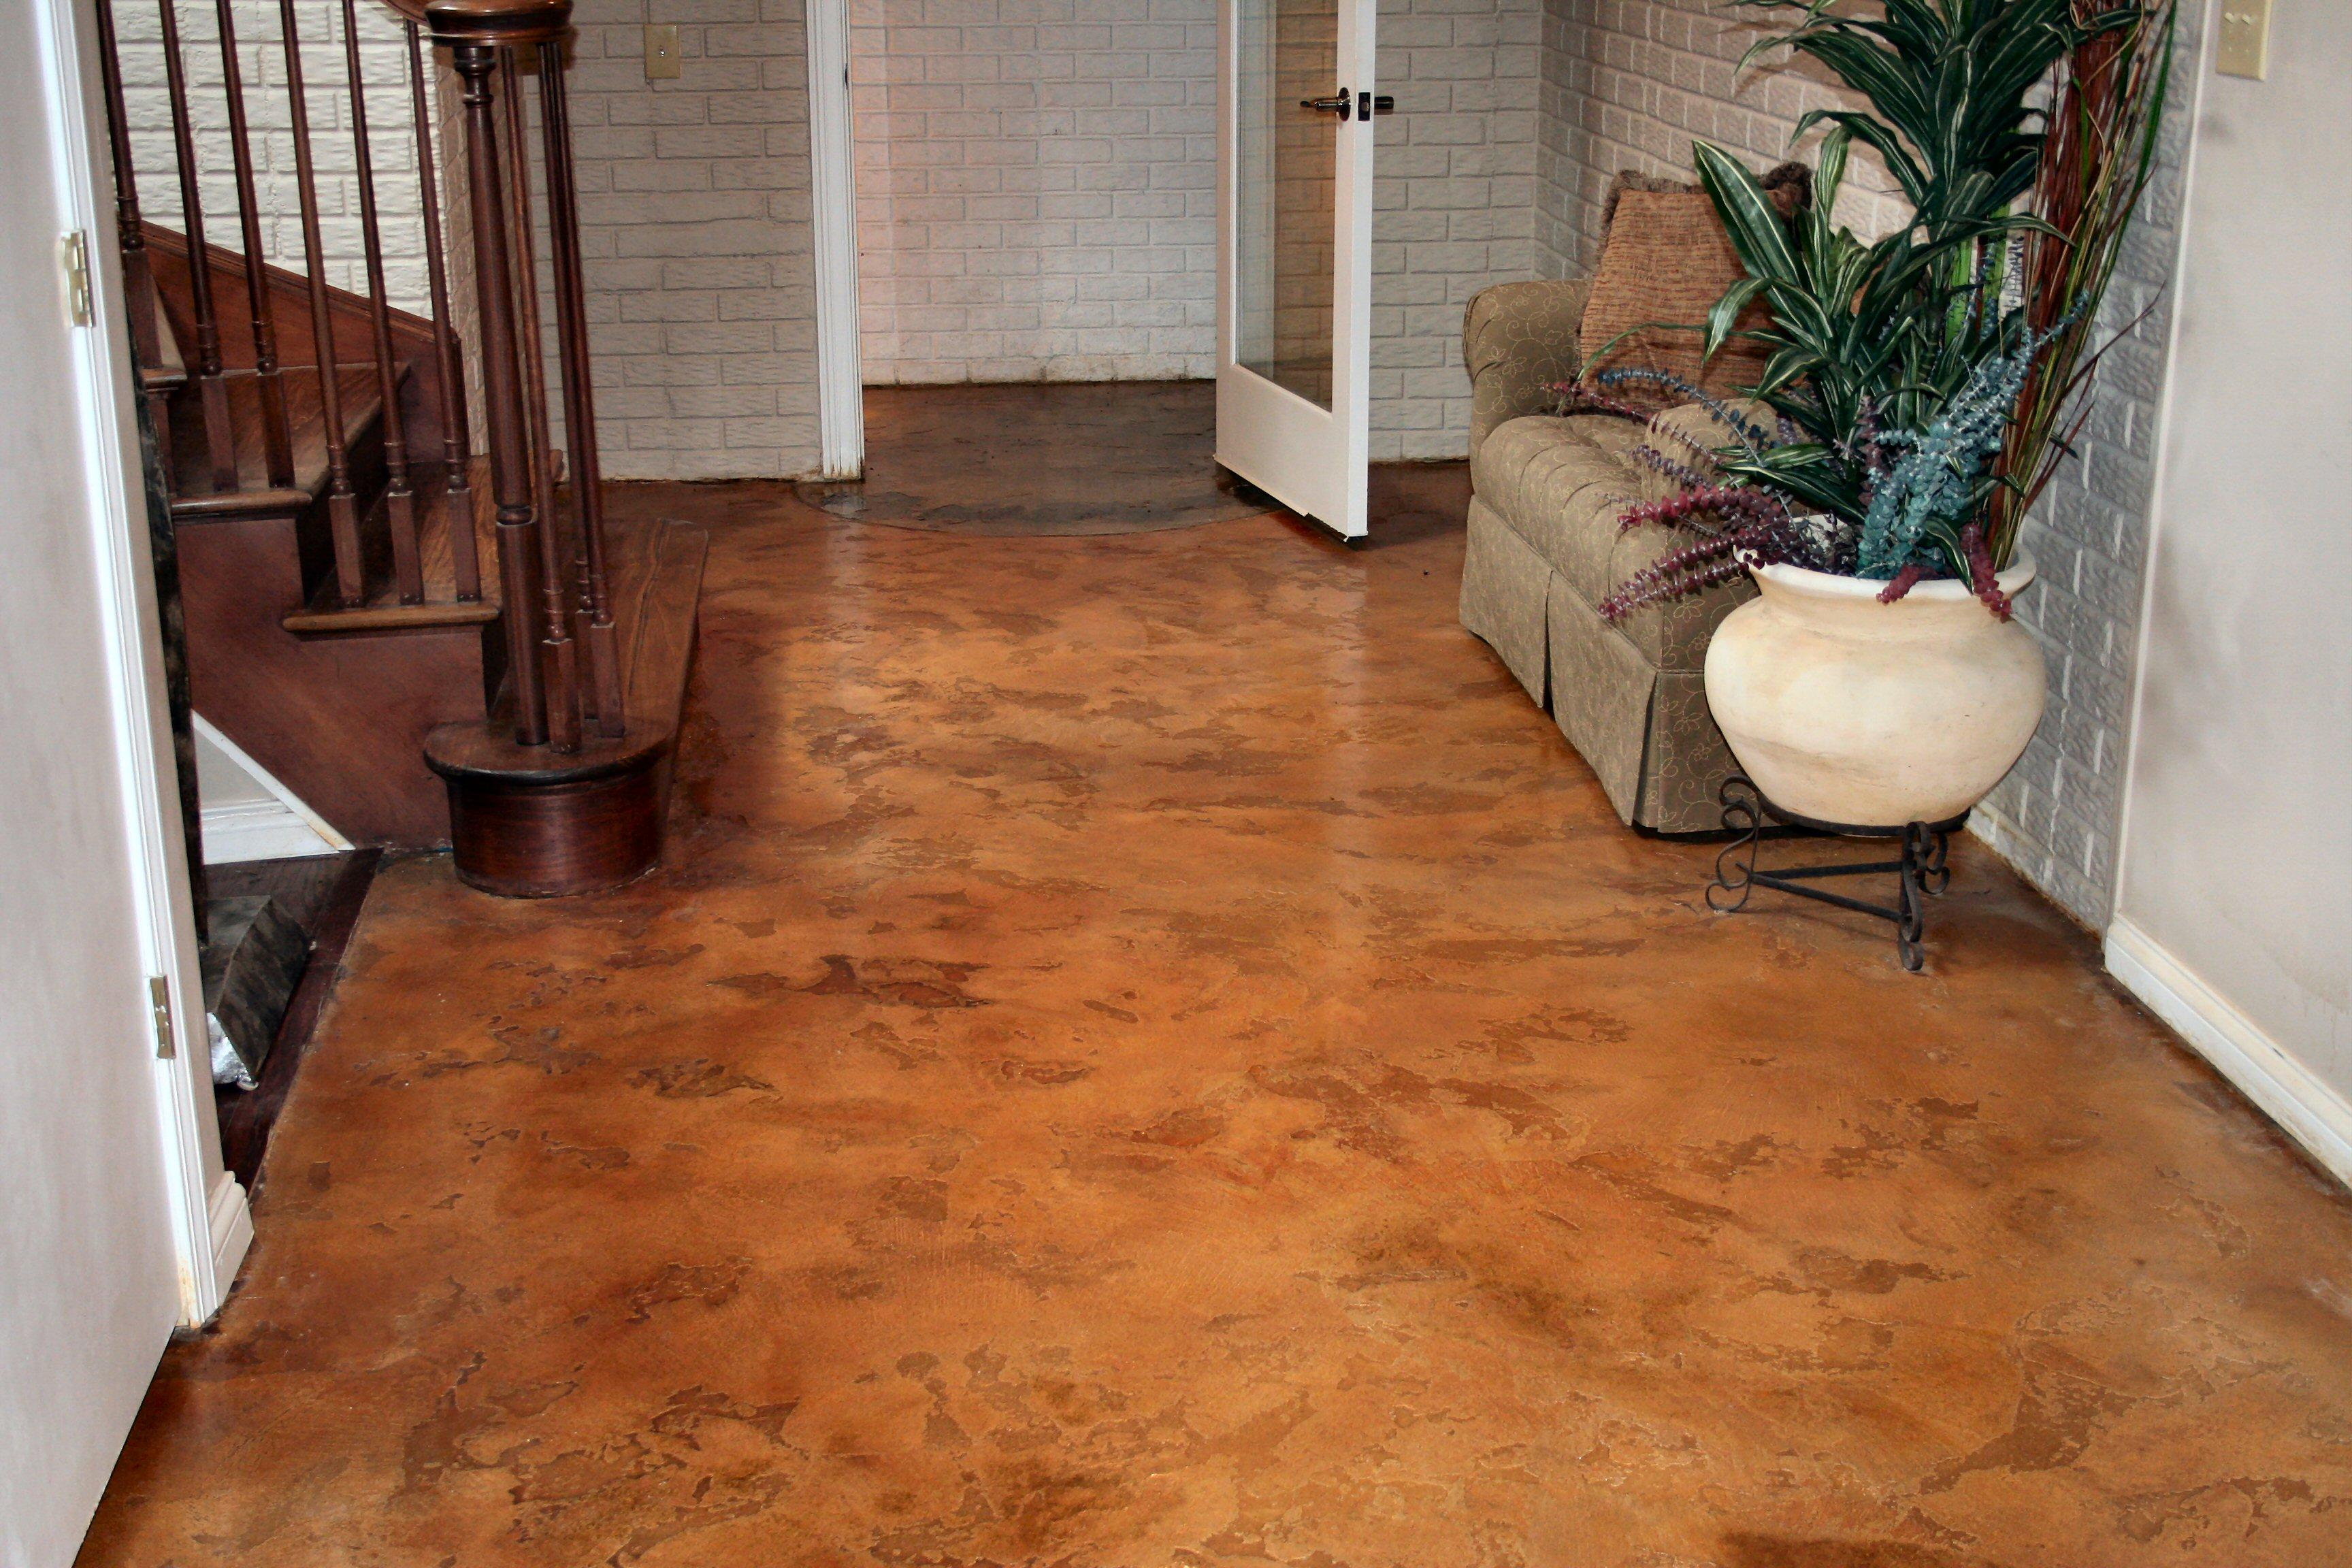 Epoxy Floor Coatings Contractor Nh Restore My Floor